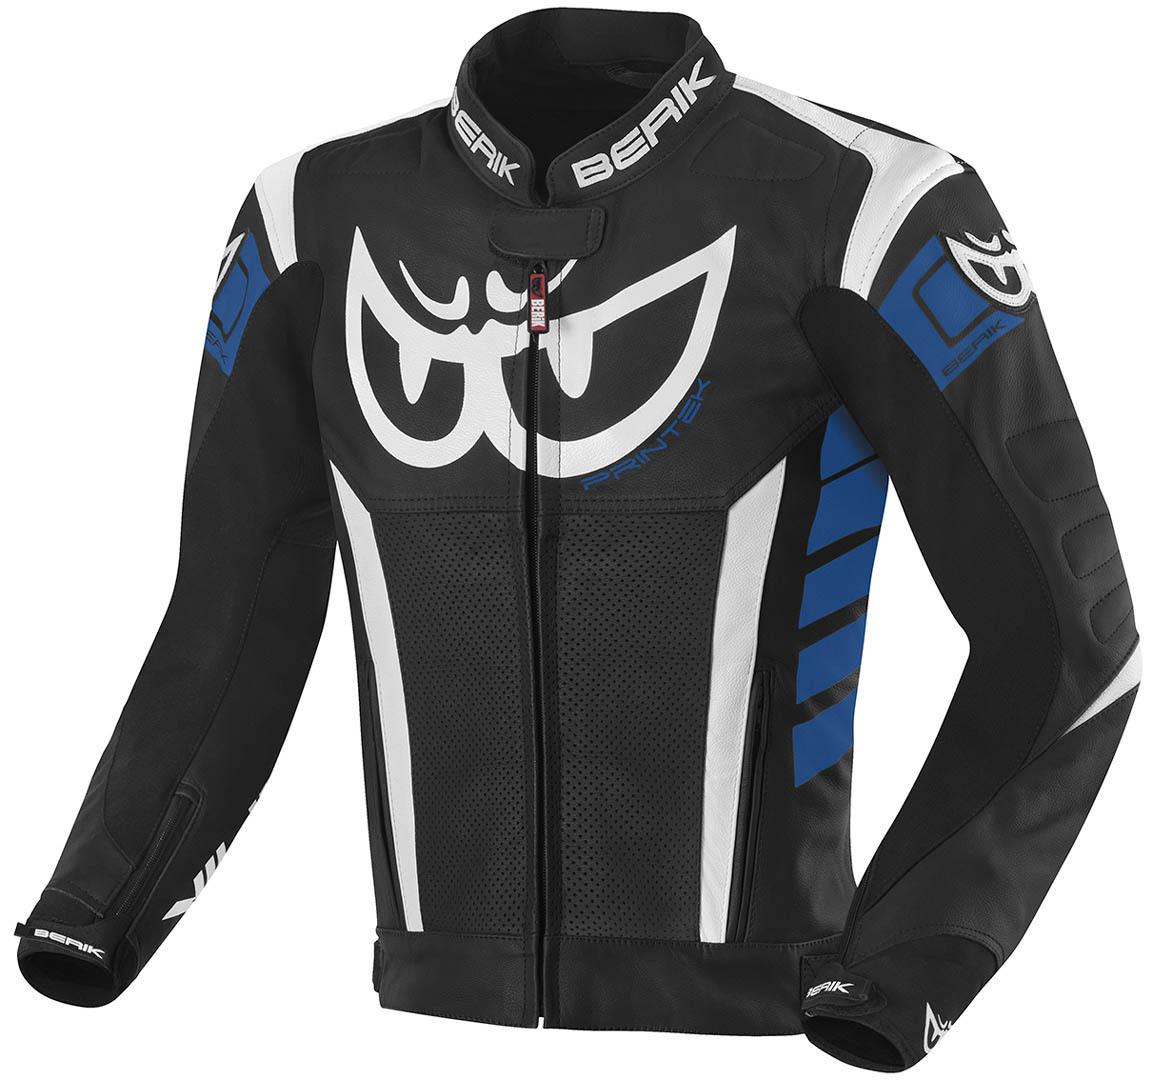 Berik Zakura Motorrad Lederjacke, schwarz-weiss-blau, Größe 48, schwarz-weiss-blau, Größe 48